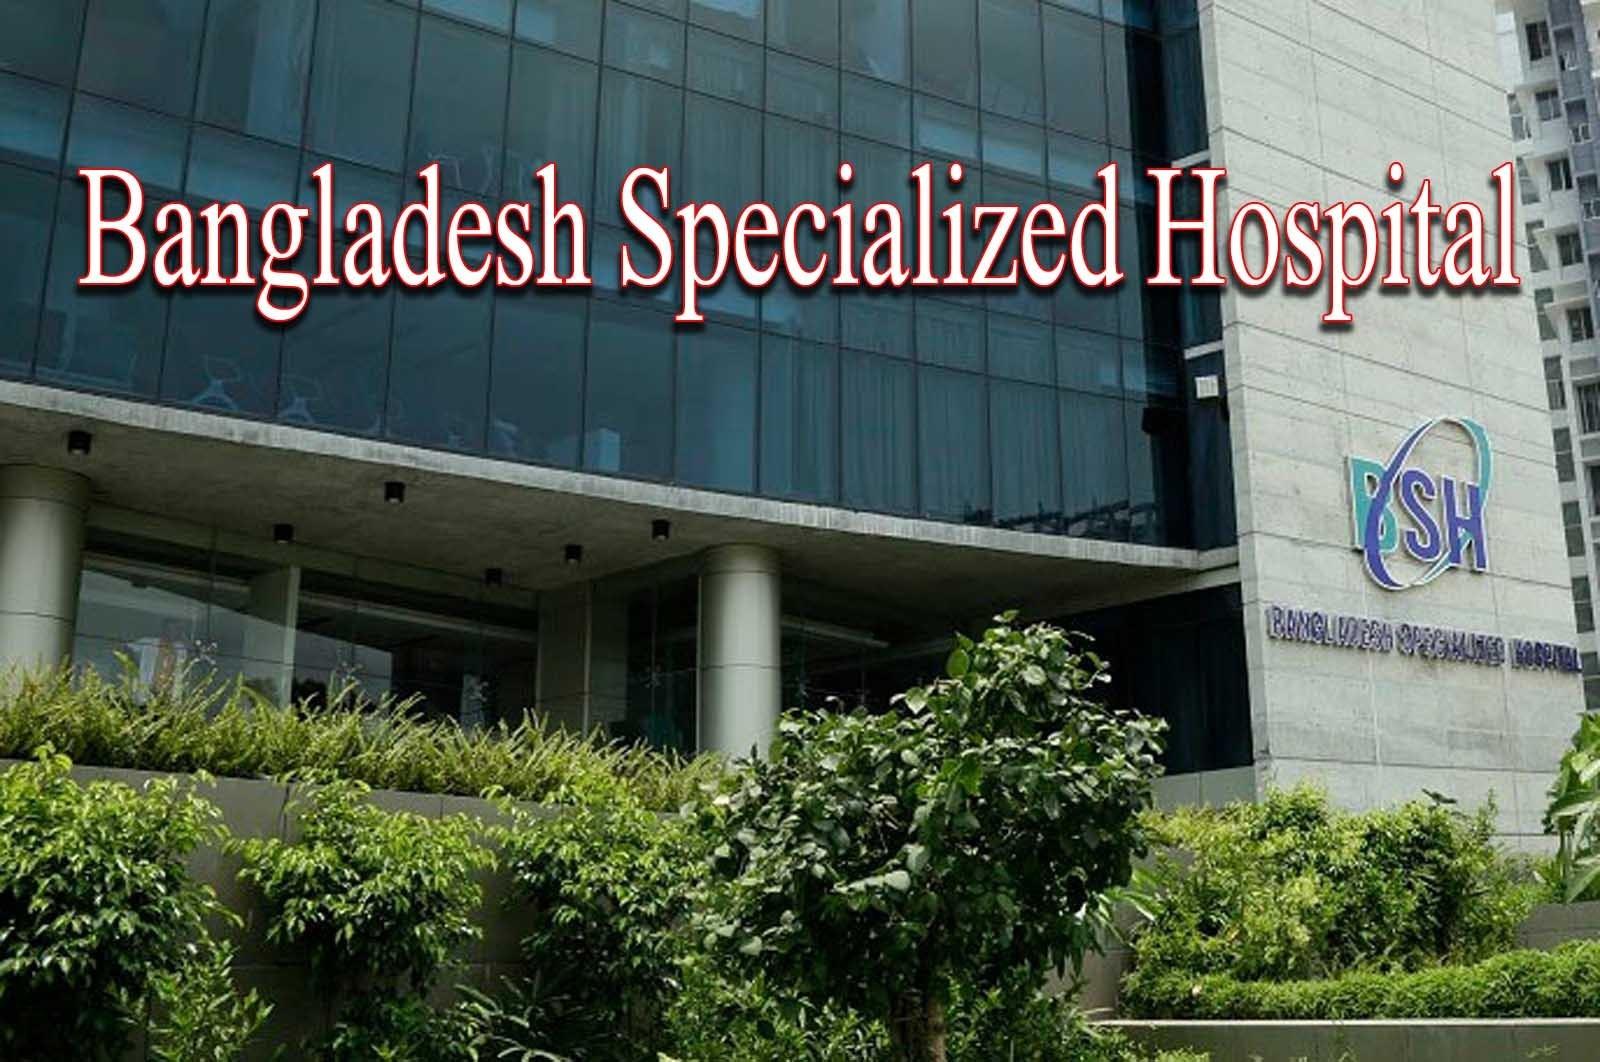 বাংলাদেশ স্পেশালািইজড হাসপাতাল